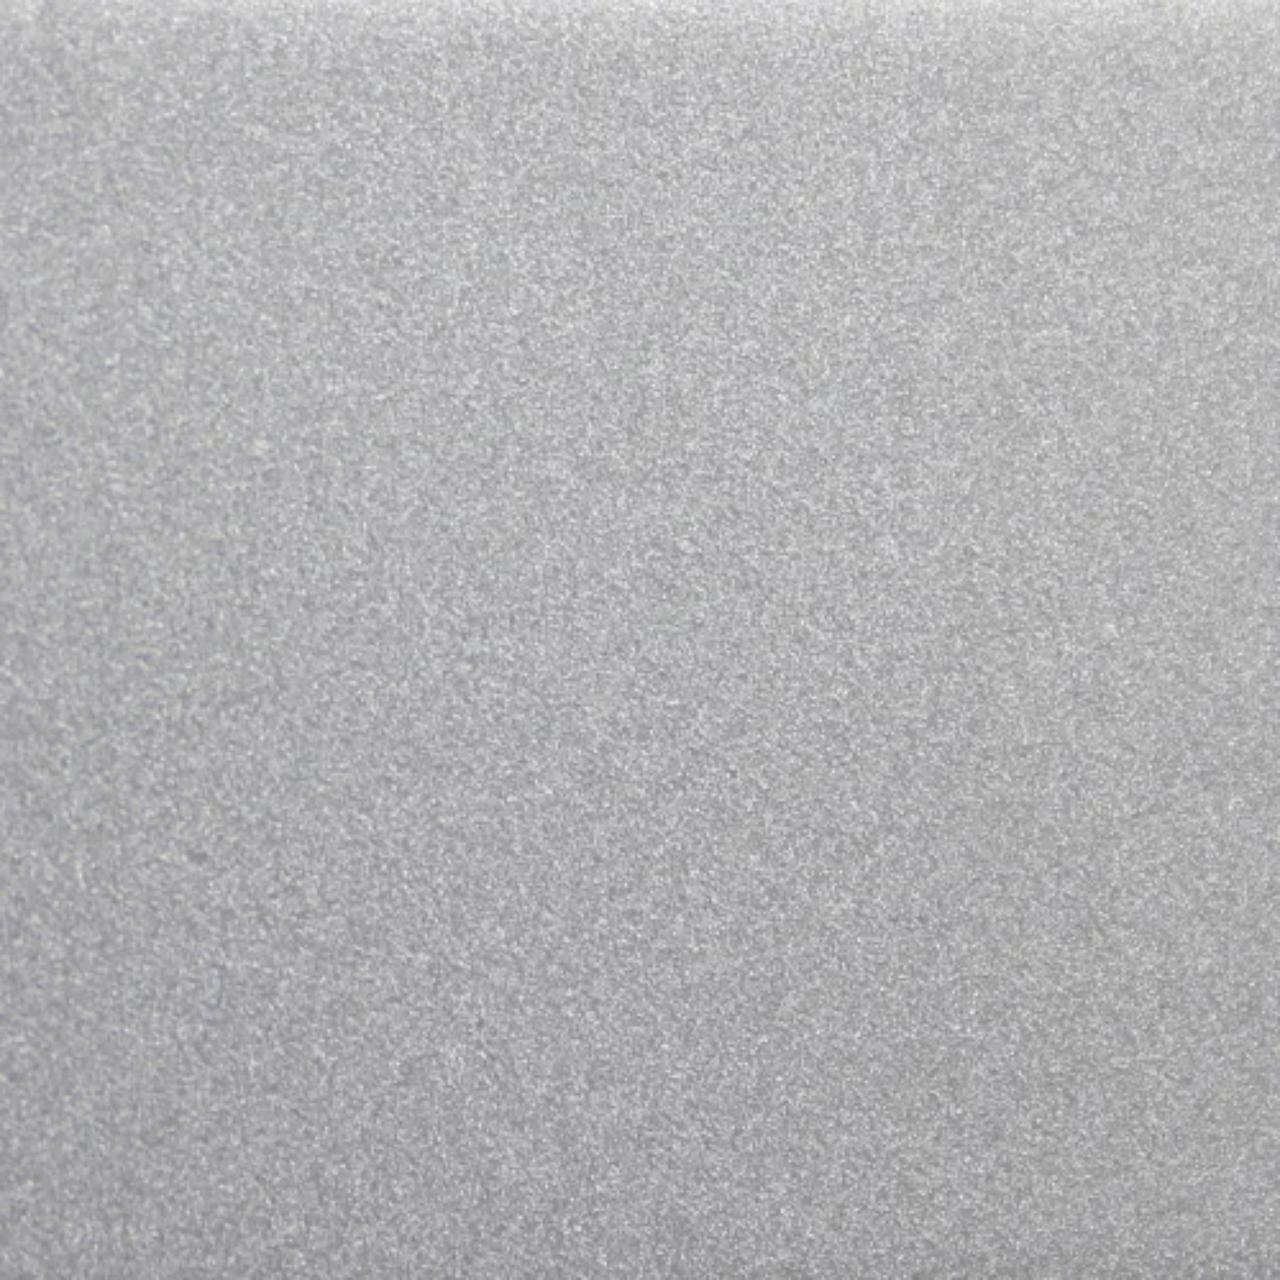 Алюкобонд 312 серебро 8801 ARABOND